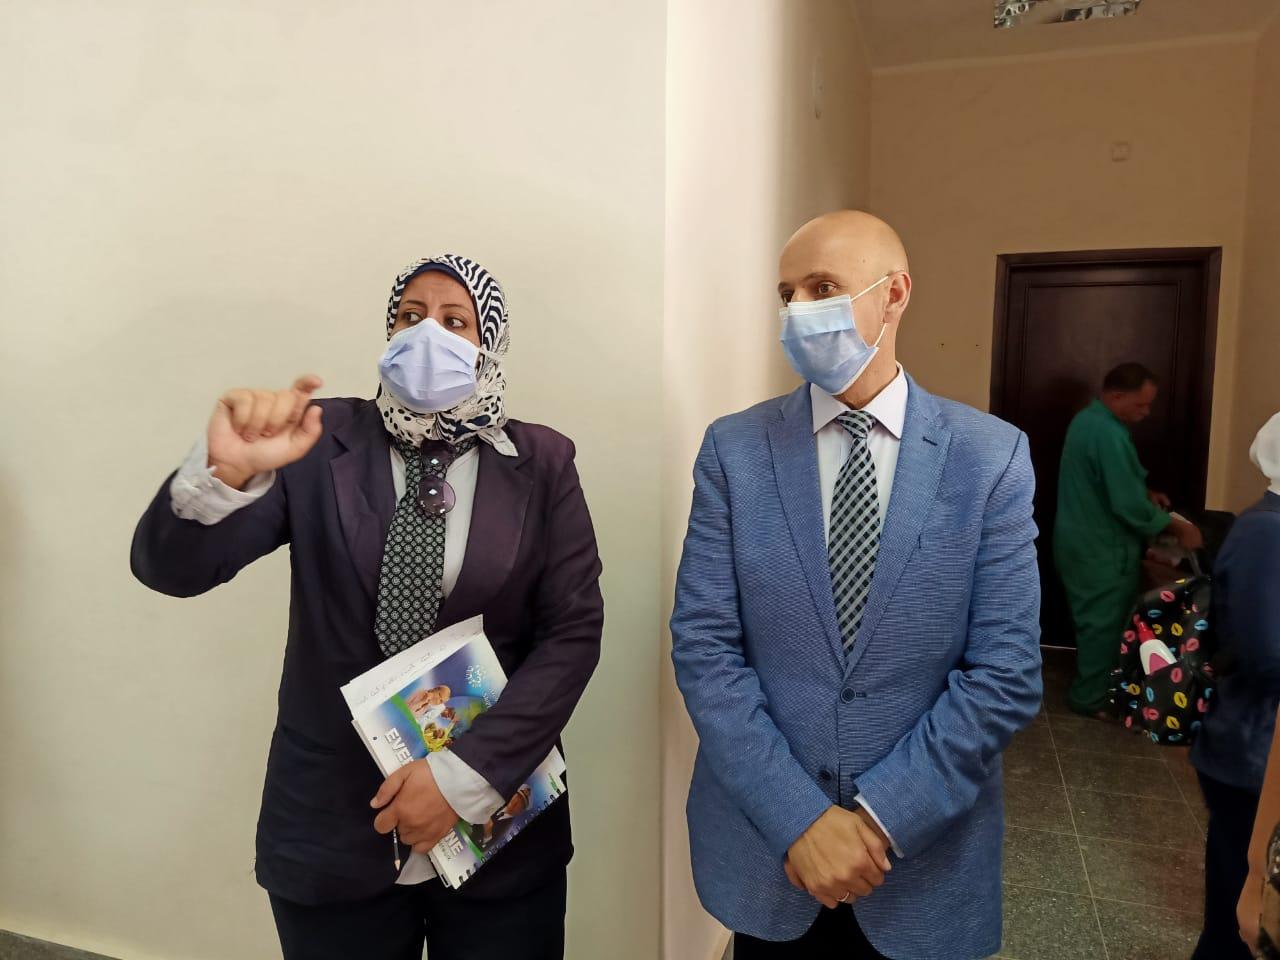 وكيل صحة الشرقية يتفقد المركز الطبى للعزل بالعاشر من رمضان (2)